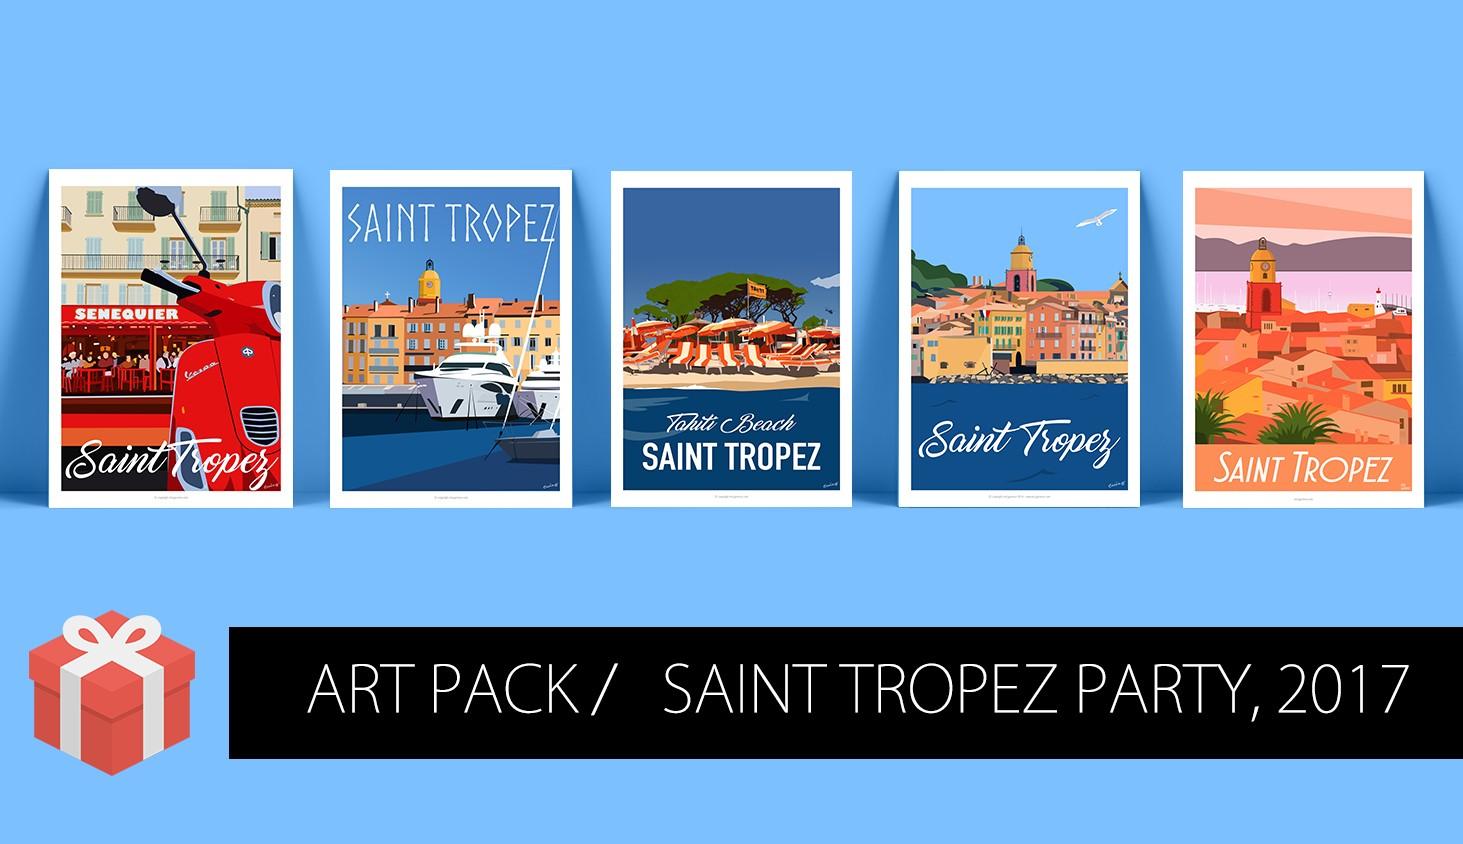 Art Pack Saint Tropez, 2017